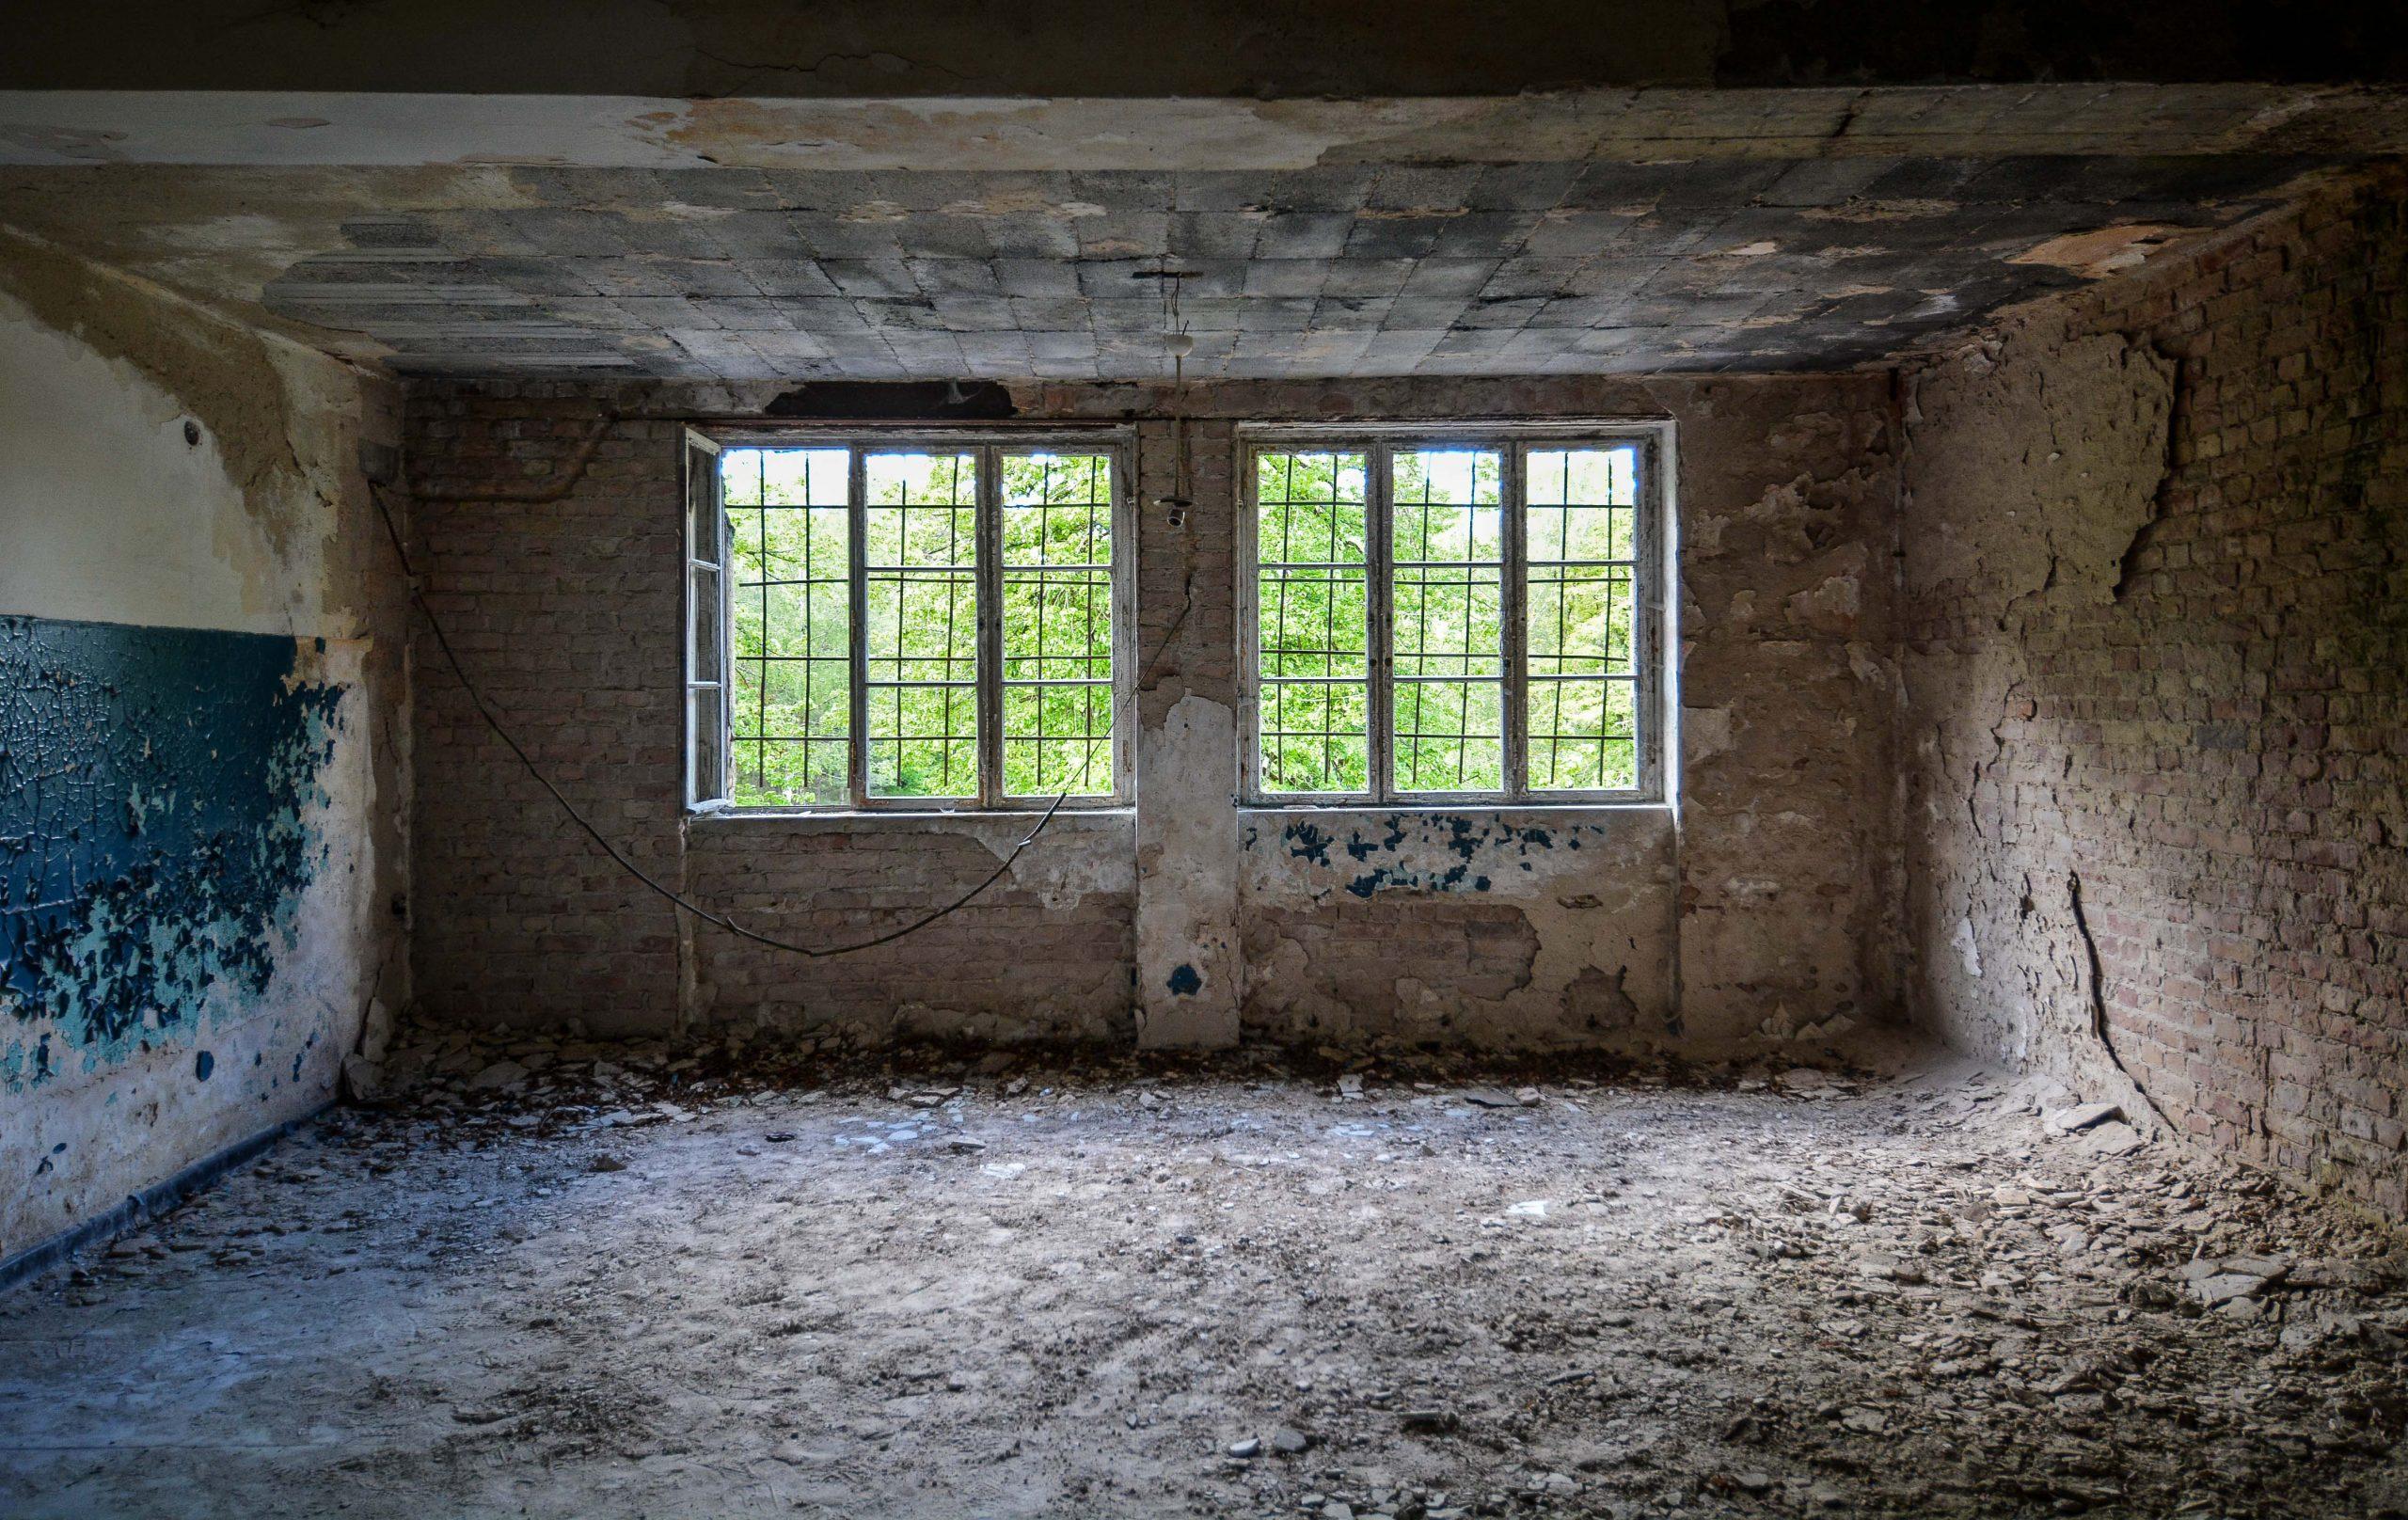 bare bricks wall tuberkulose heilstaette grabowsee sanatorium hospital oranienburg lost places abandoned urbex brandenburg germany deutschland